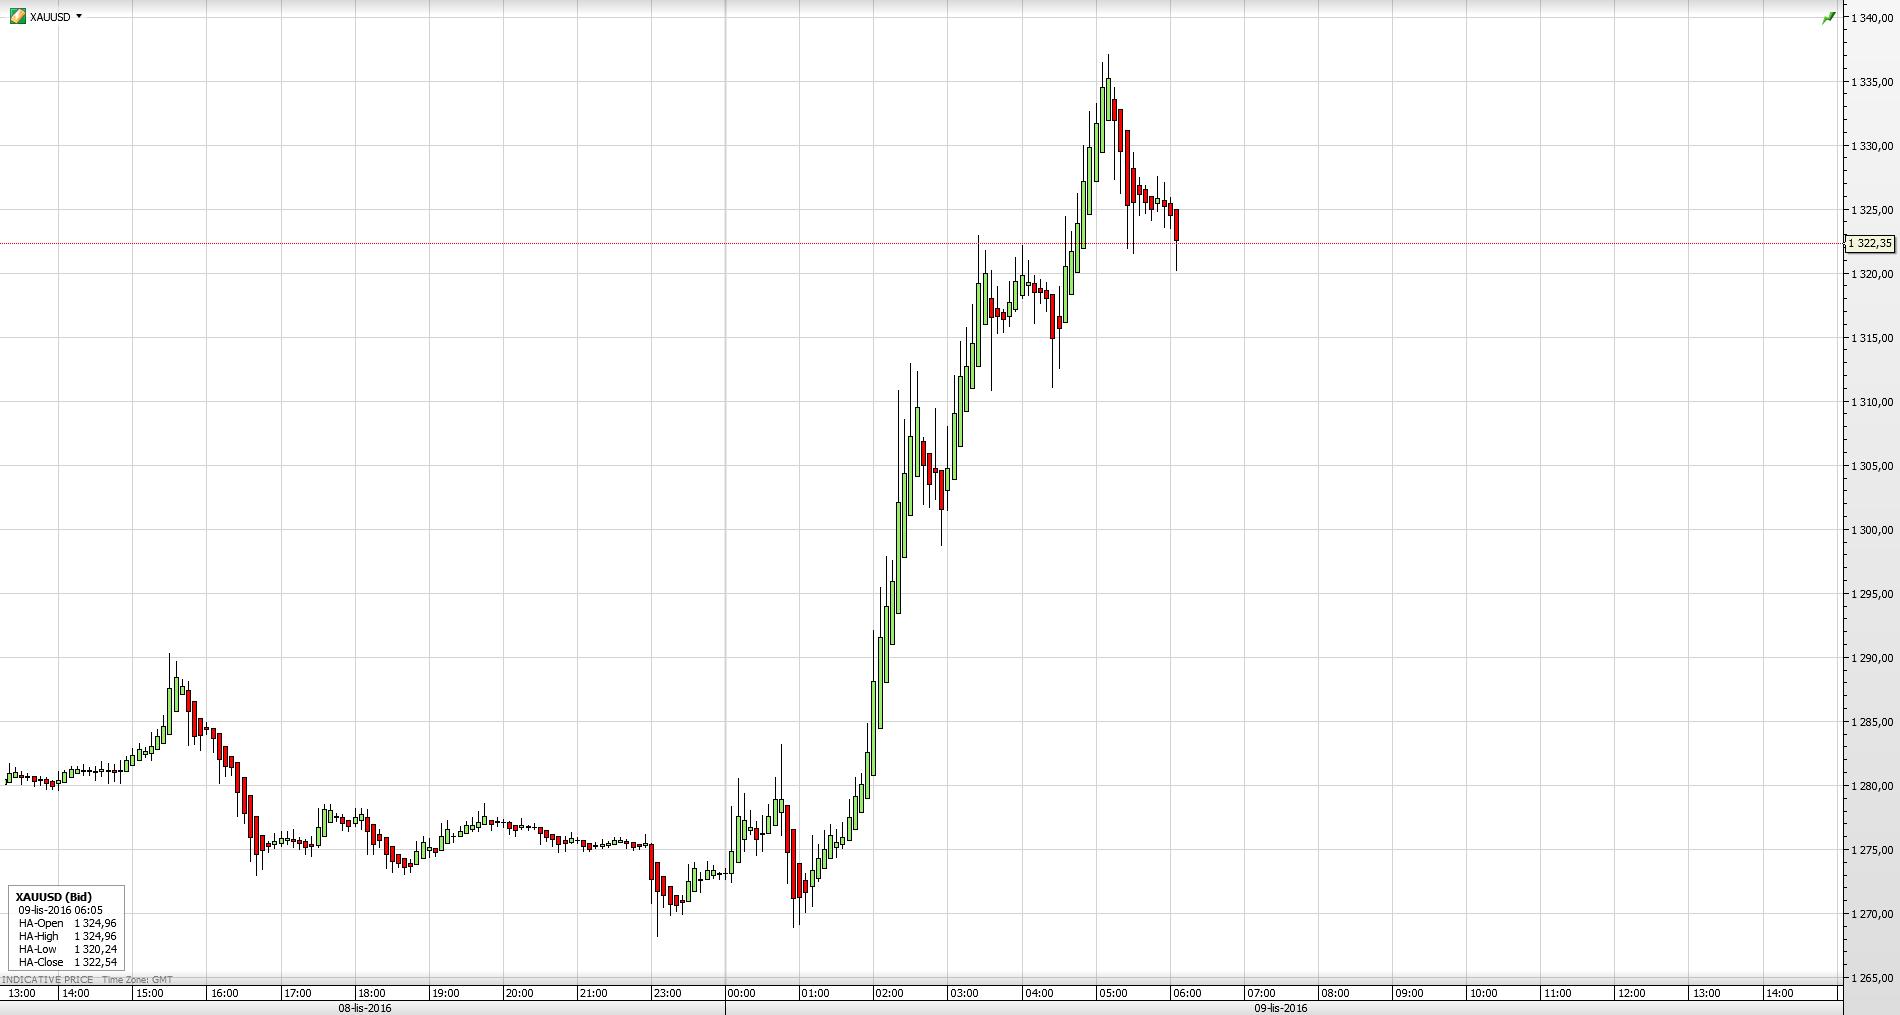 Reakcja cen złota w USD na wyniki wyborów